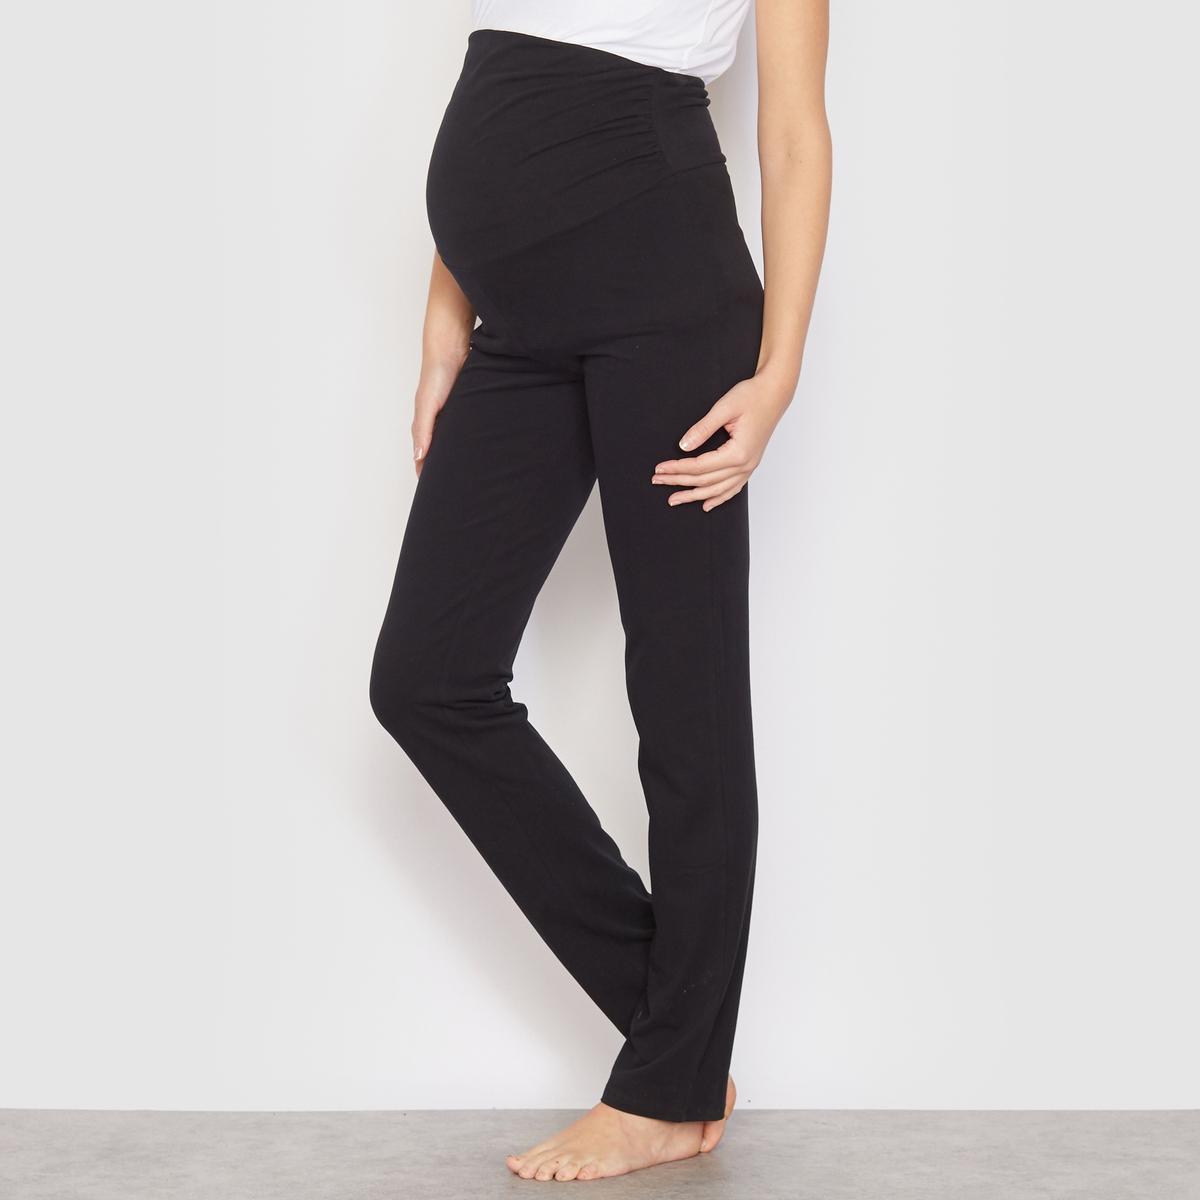 Брюки пижамные для беременных брюки для беременных yfz